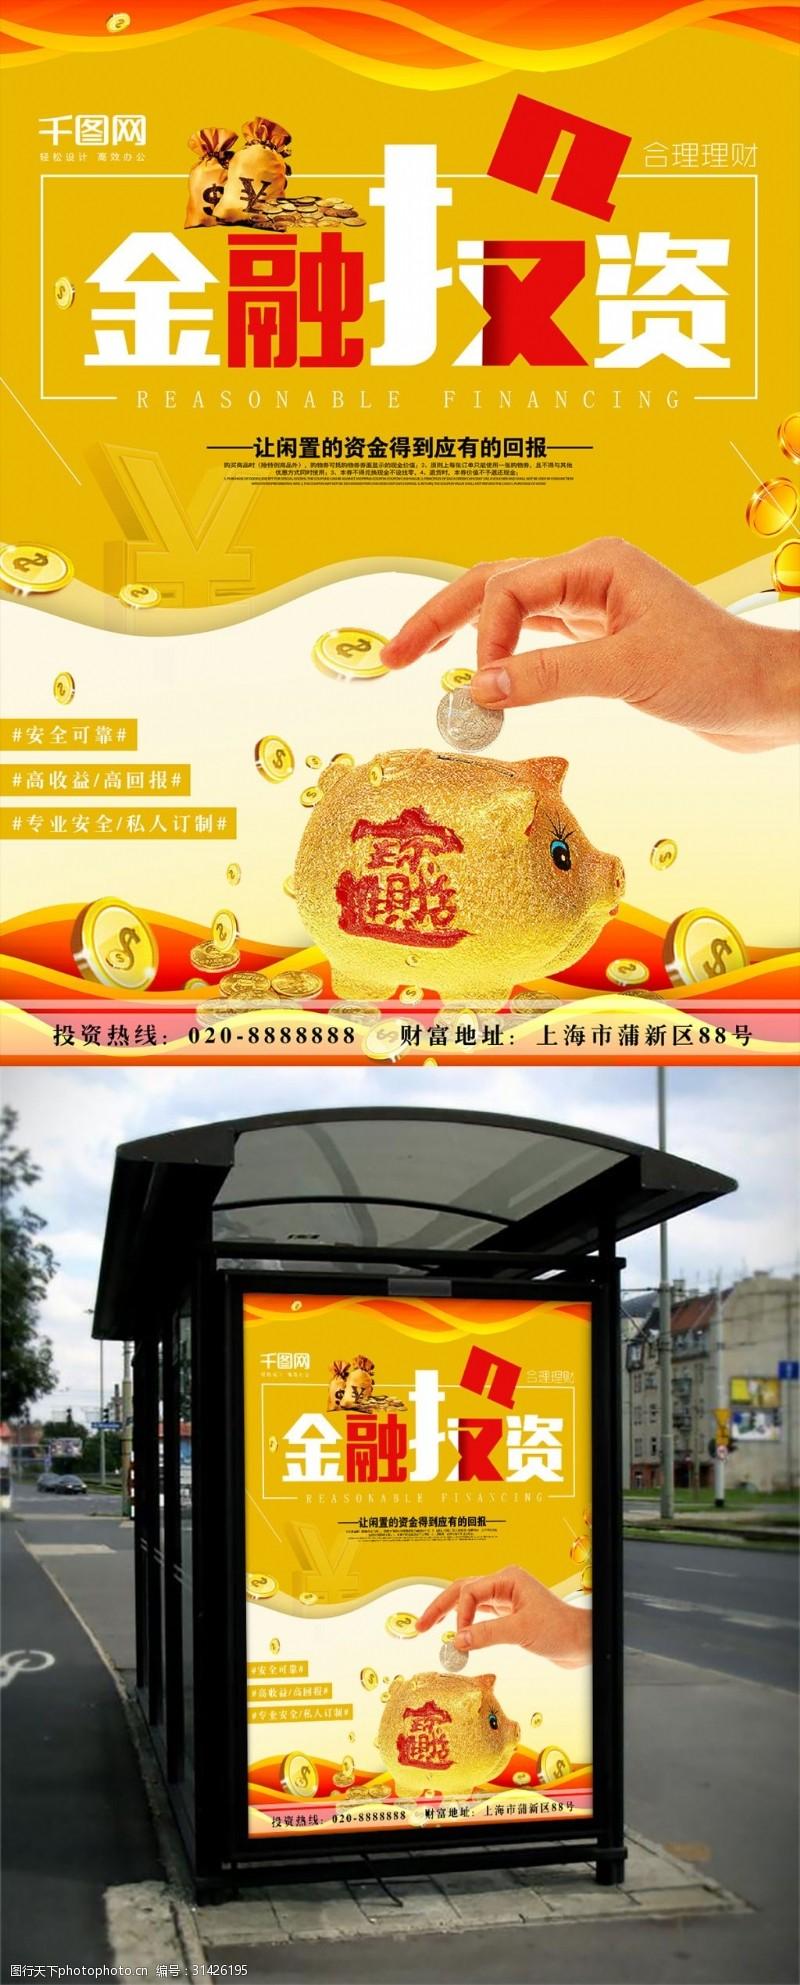 小金人小金猪投资理财宣传海报